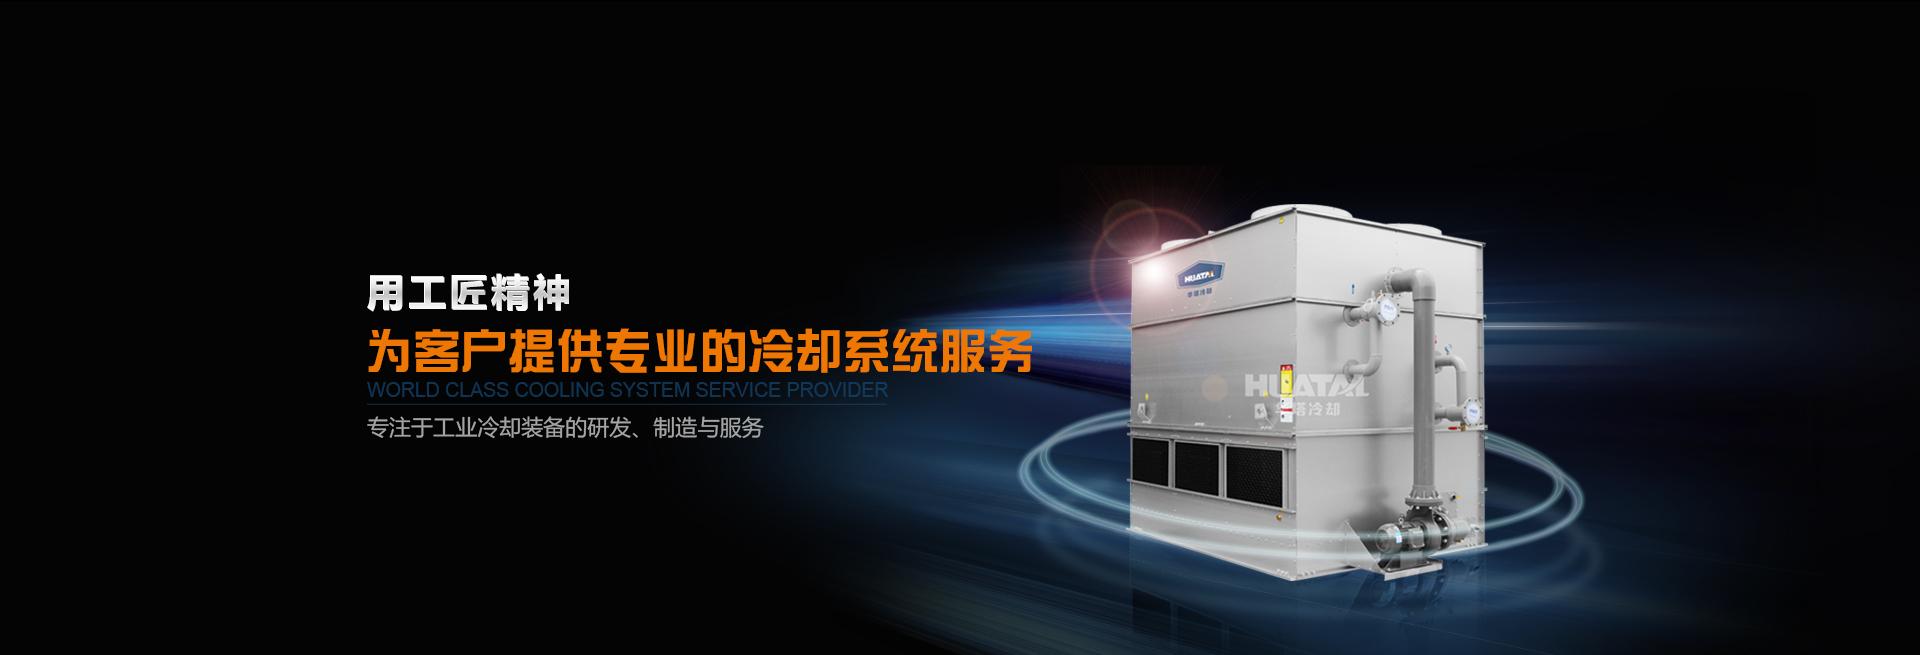 江苏华塔冷却技术有限公司